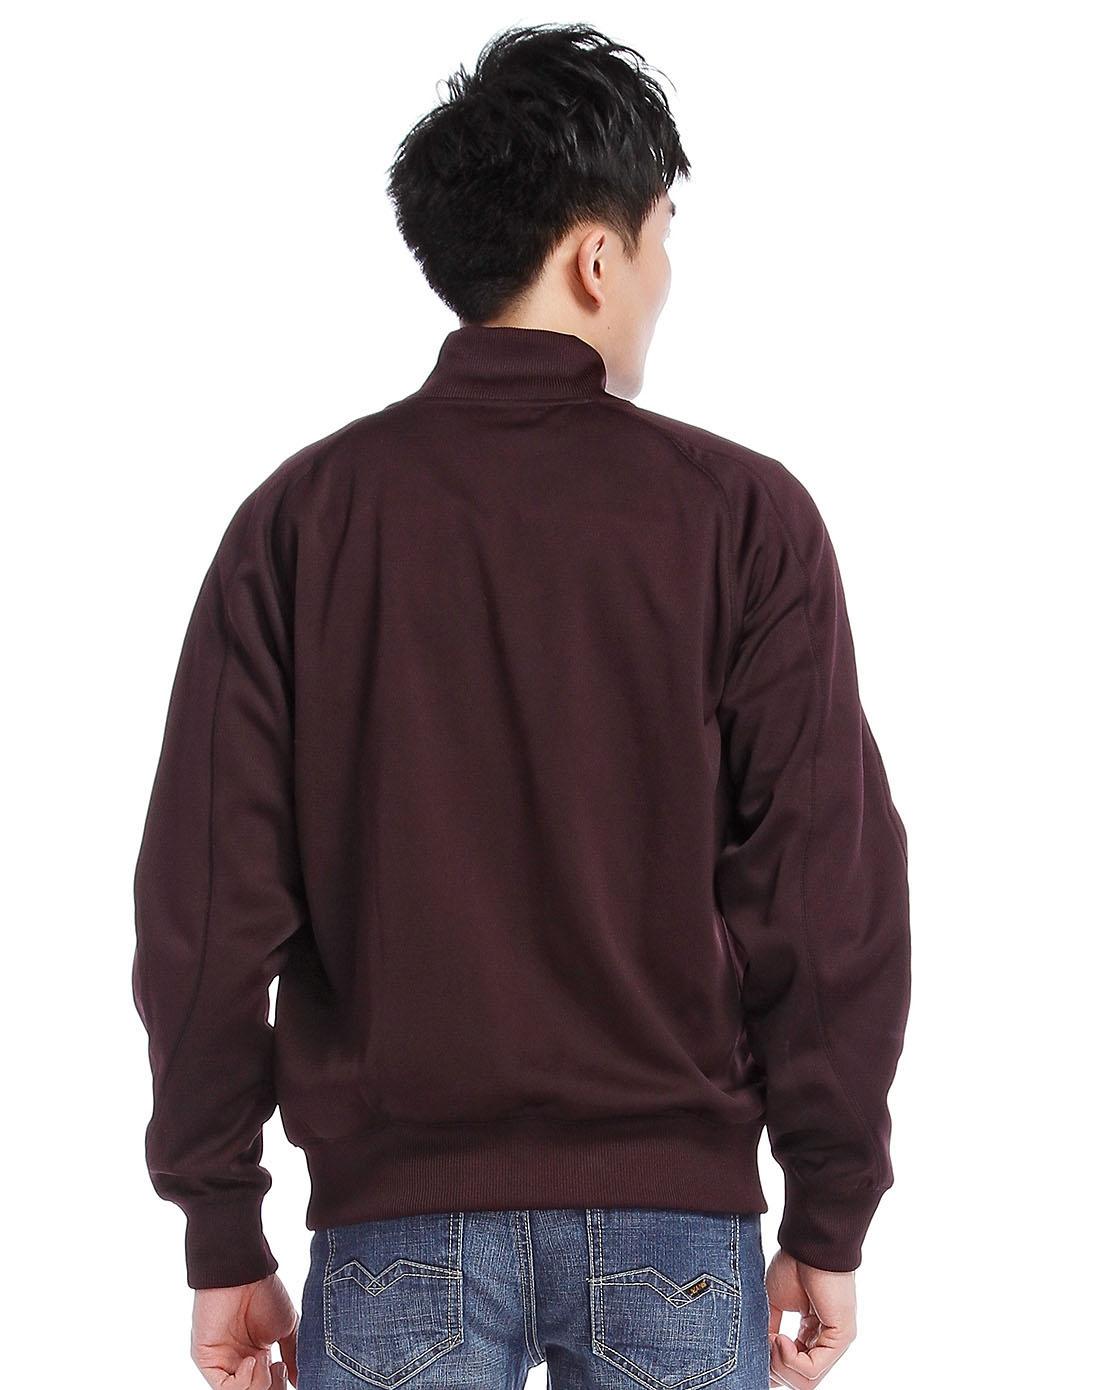 耐克 深红色针织长袖外套